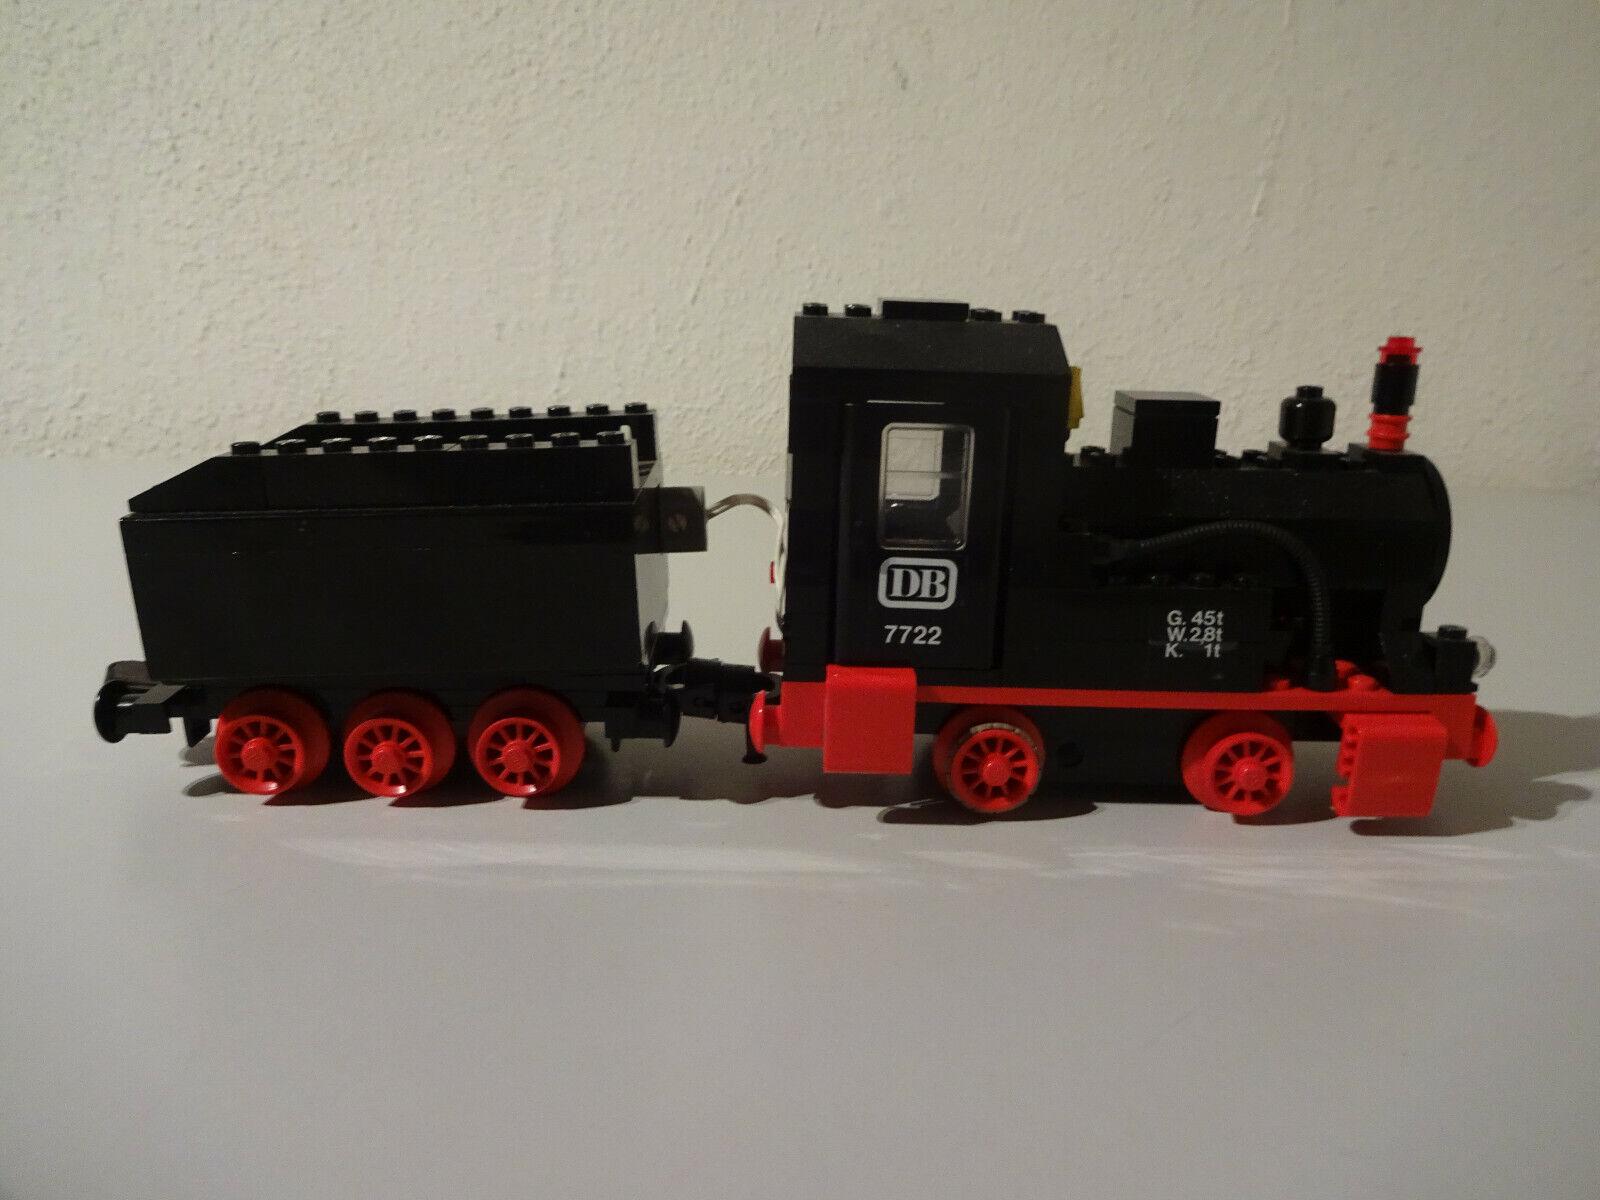 El Estado de la parte súperior de la locomotora de vapor 4,5 V 7722 no se ha probado.